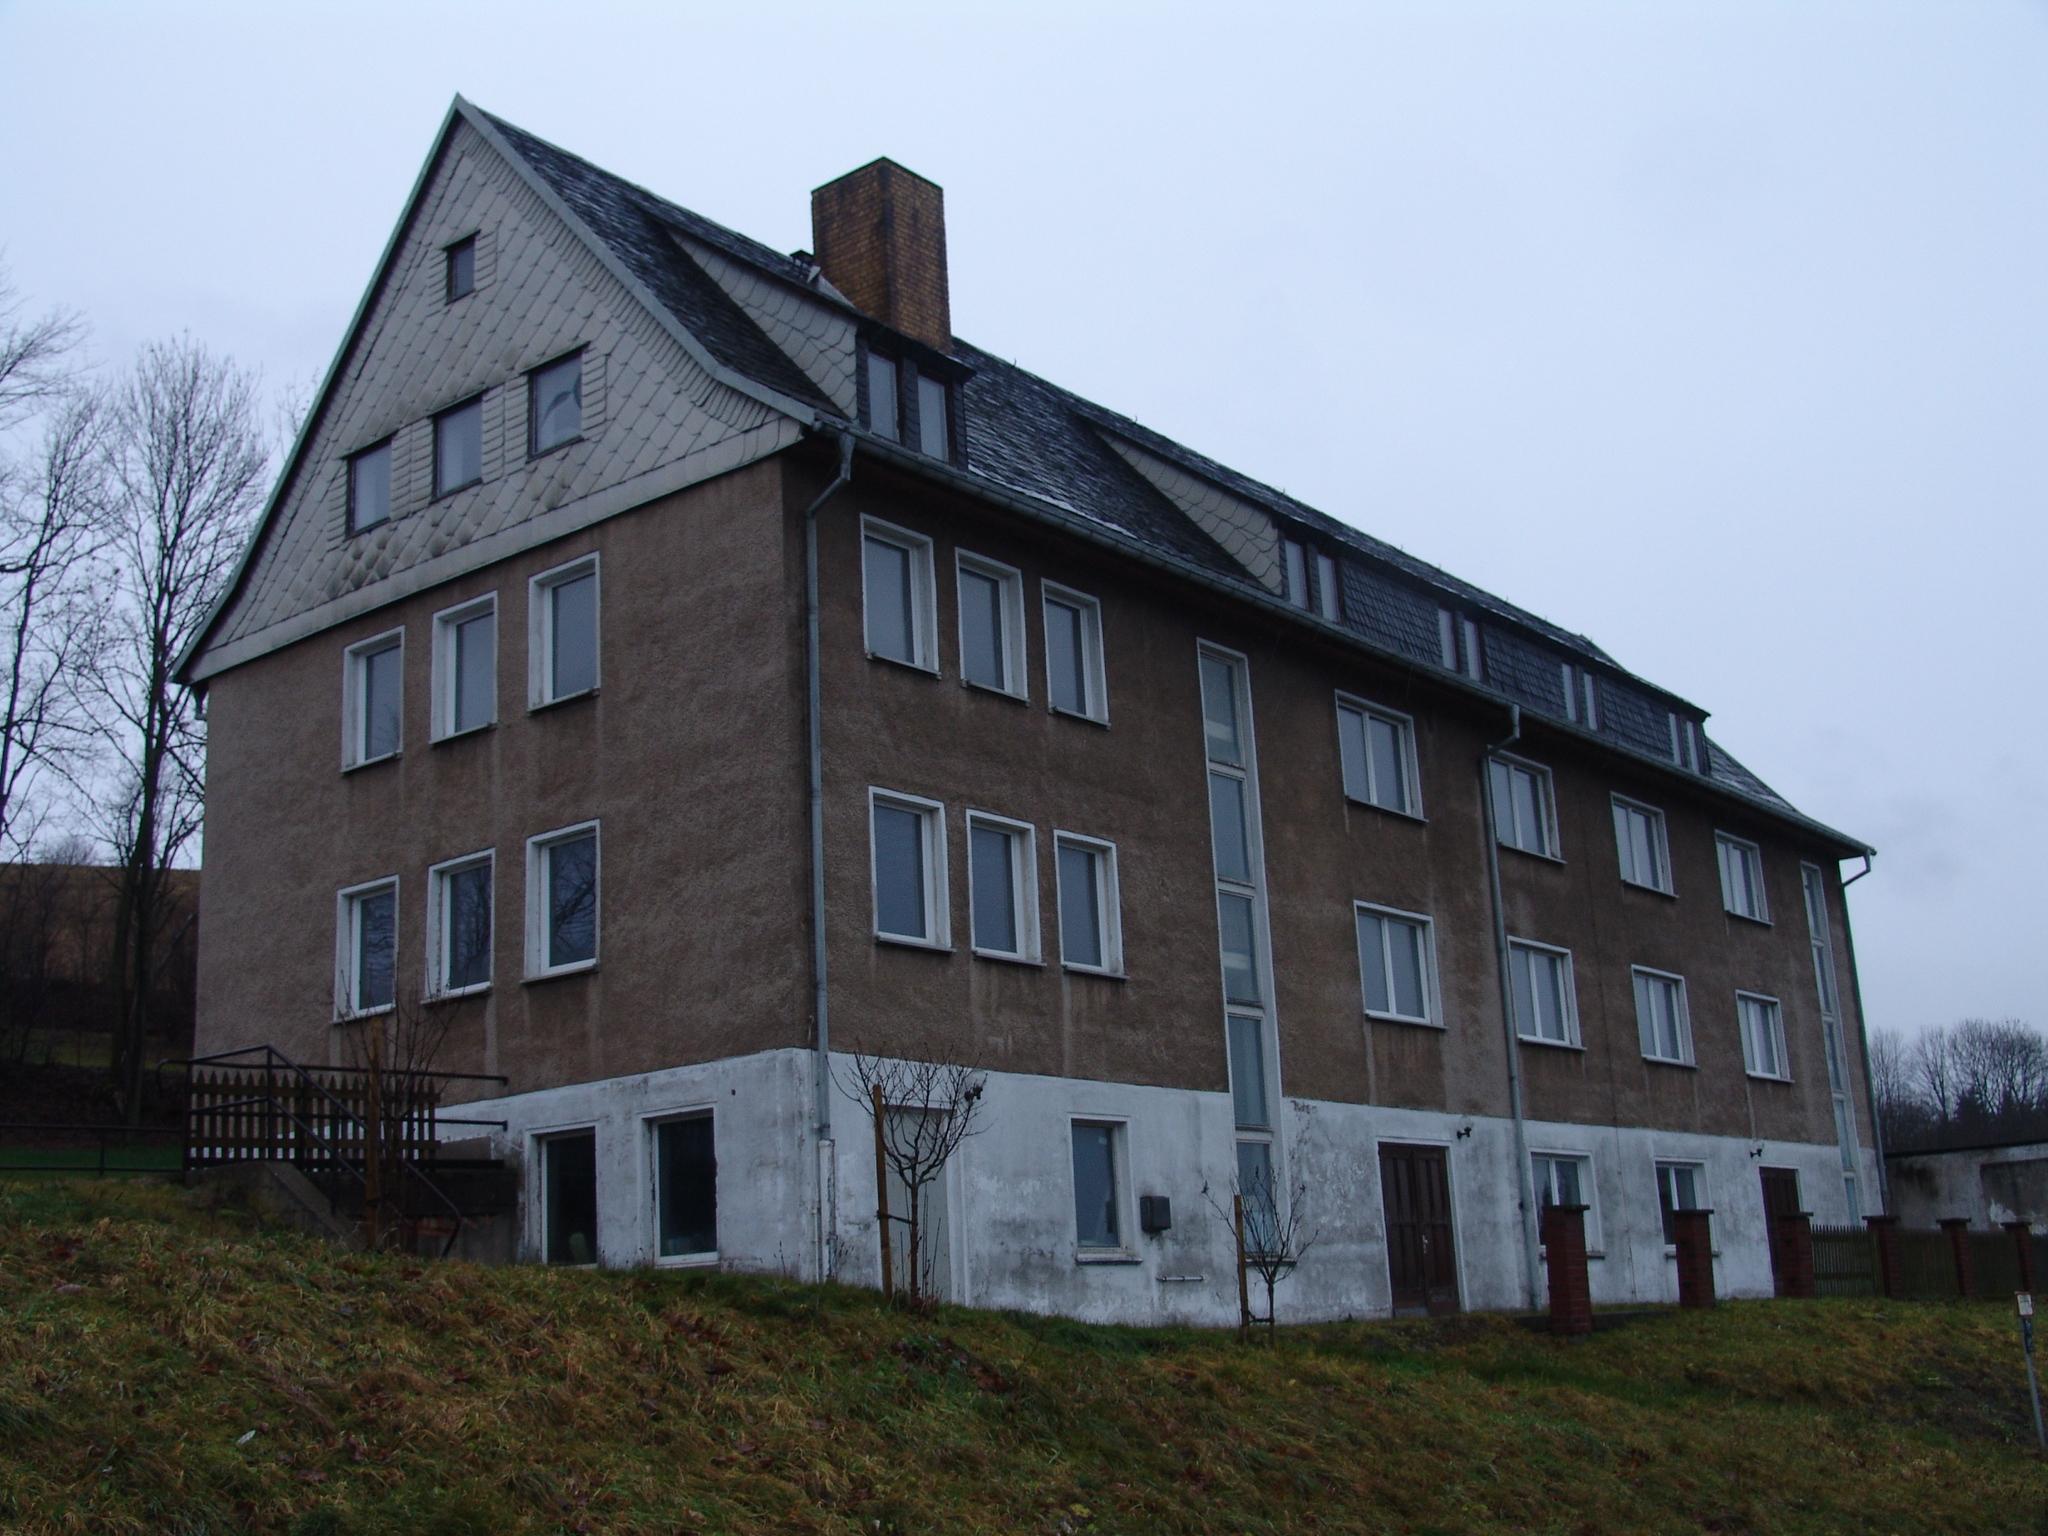 bau+projekt - Planungsbüro Hochbau aktuelles Projekt: Büro- und Werksattgebäude in Lauenstein